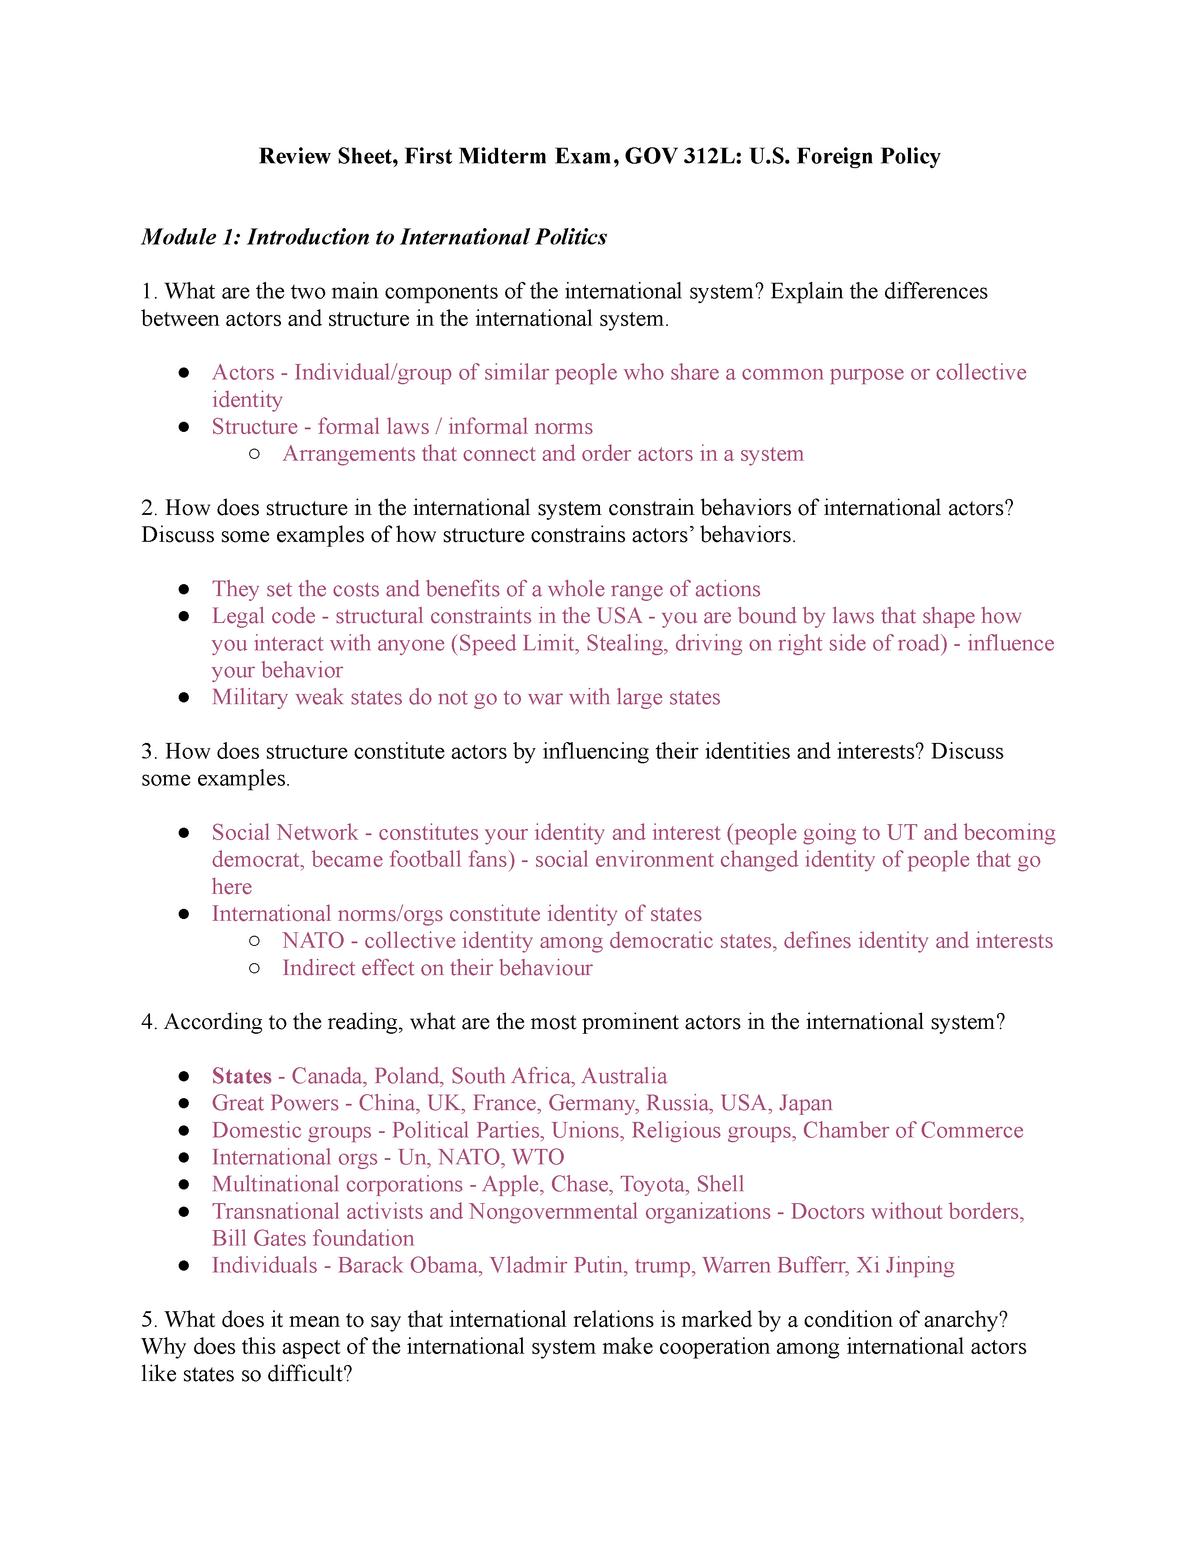 Gov review sheet test 1 - Moser - StuDocu